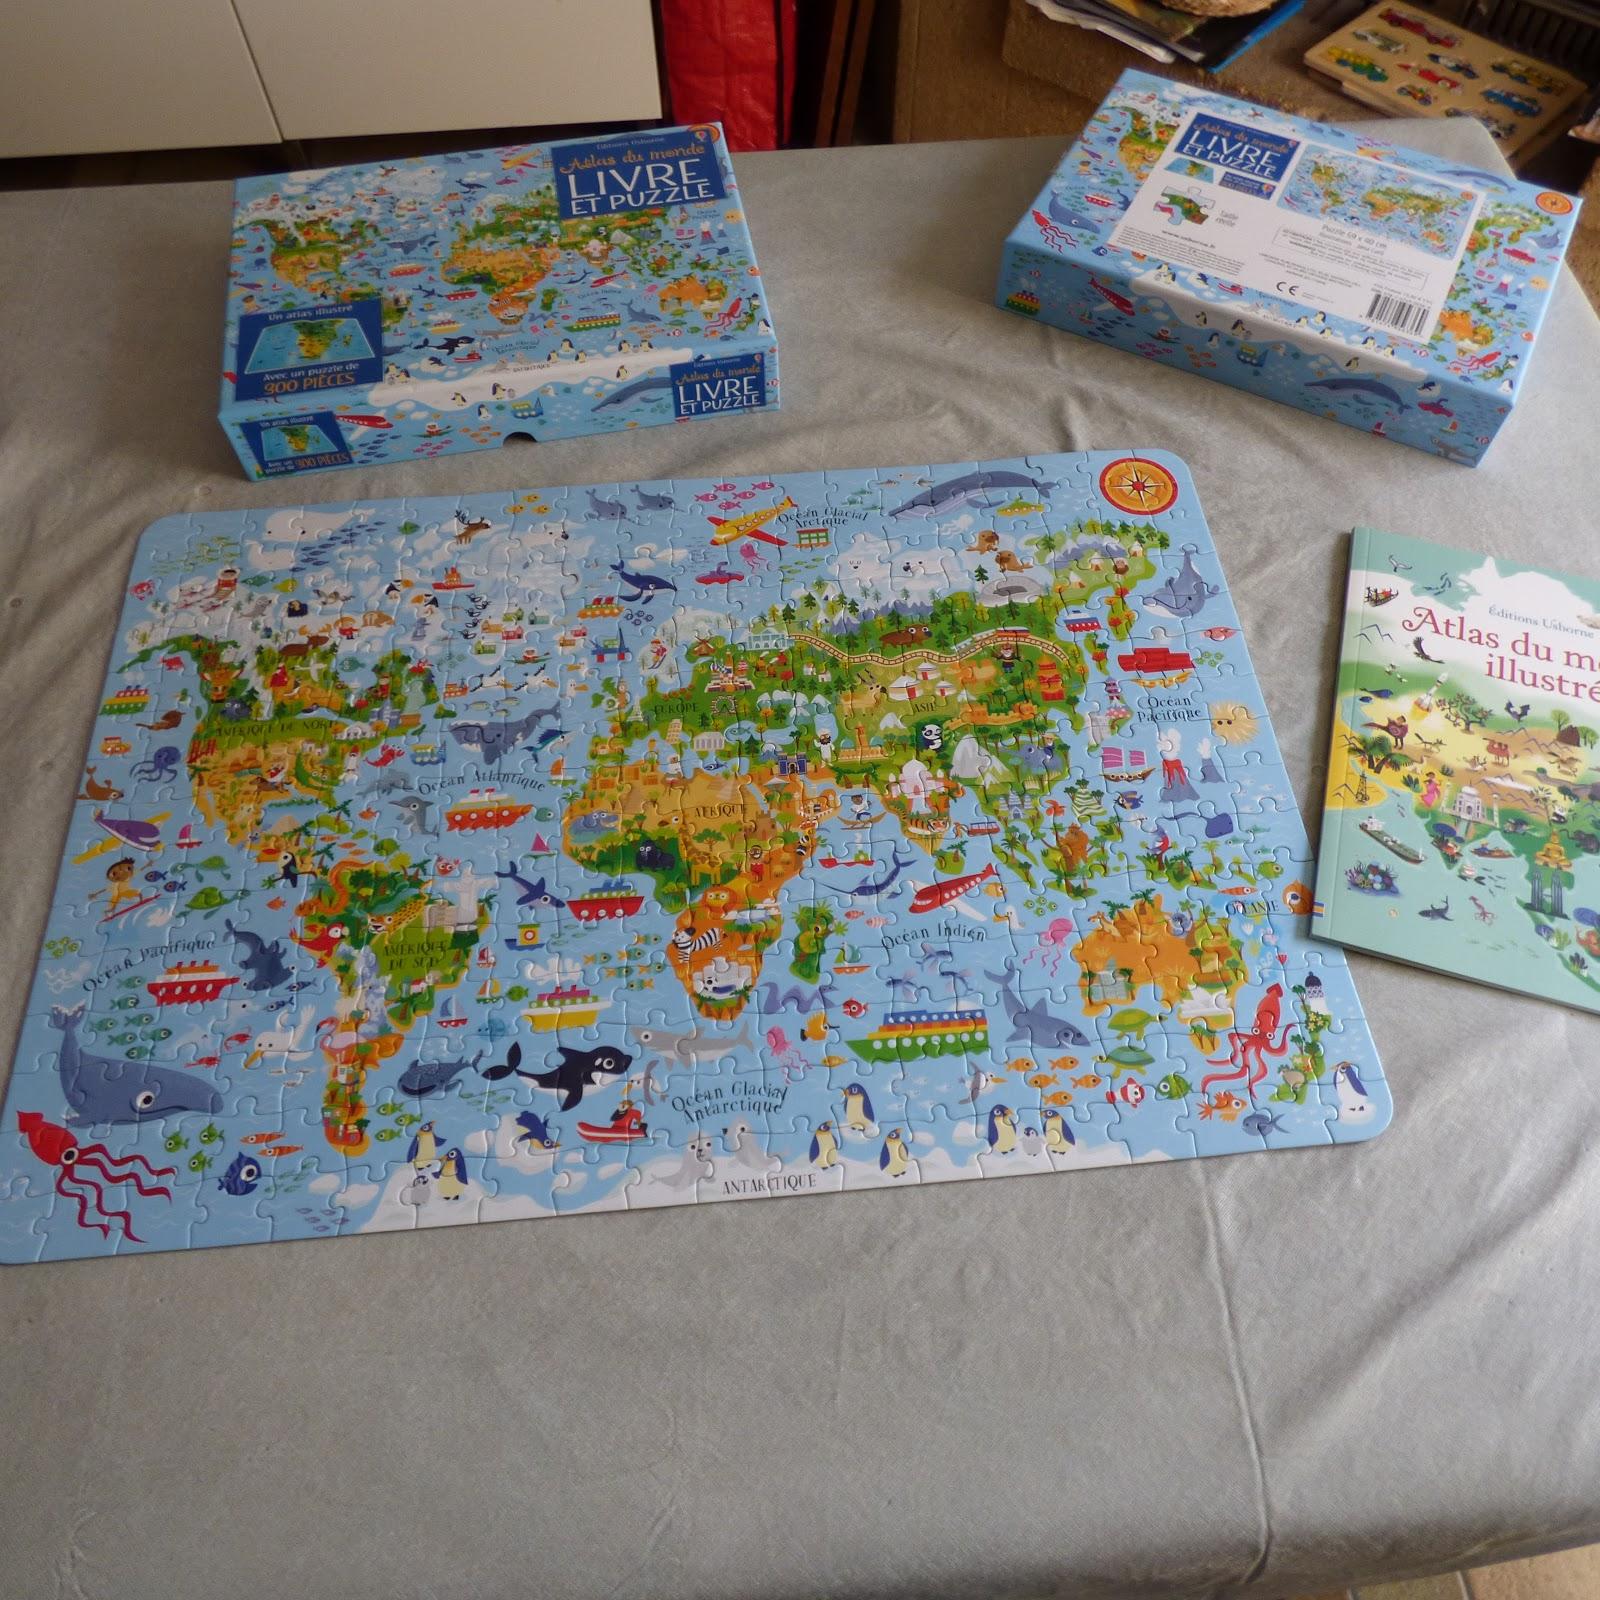 atlas du monde continents